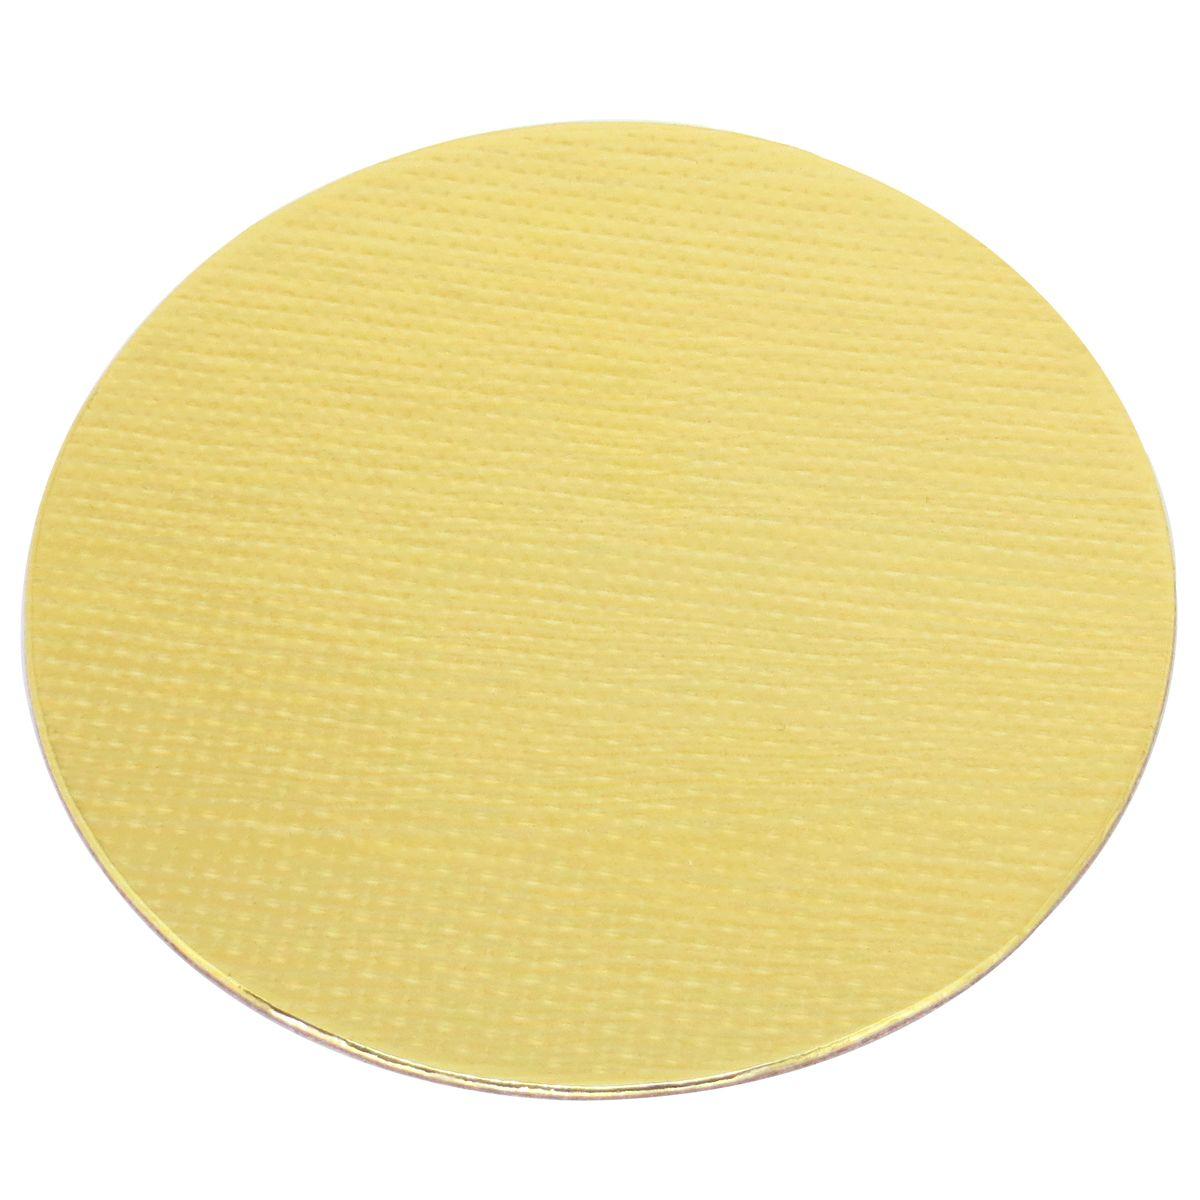 Base Laminada Redonda Dourada para Bolos 35,0cm (5uni)